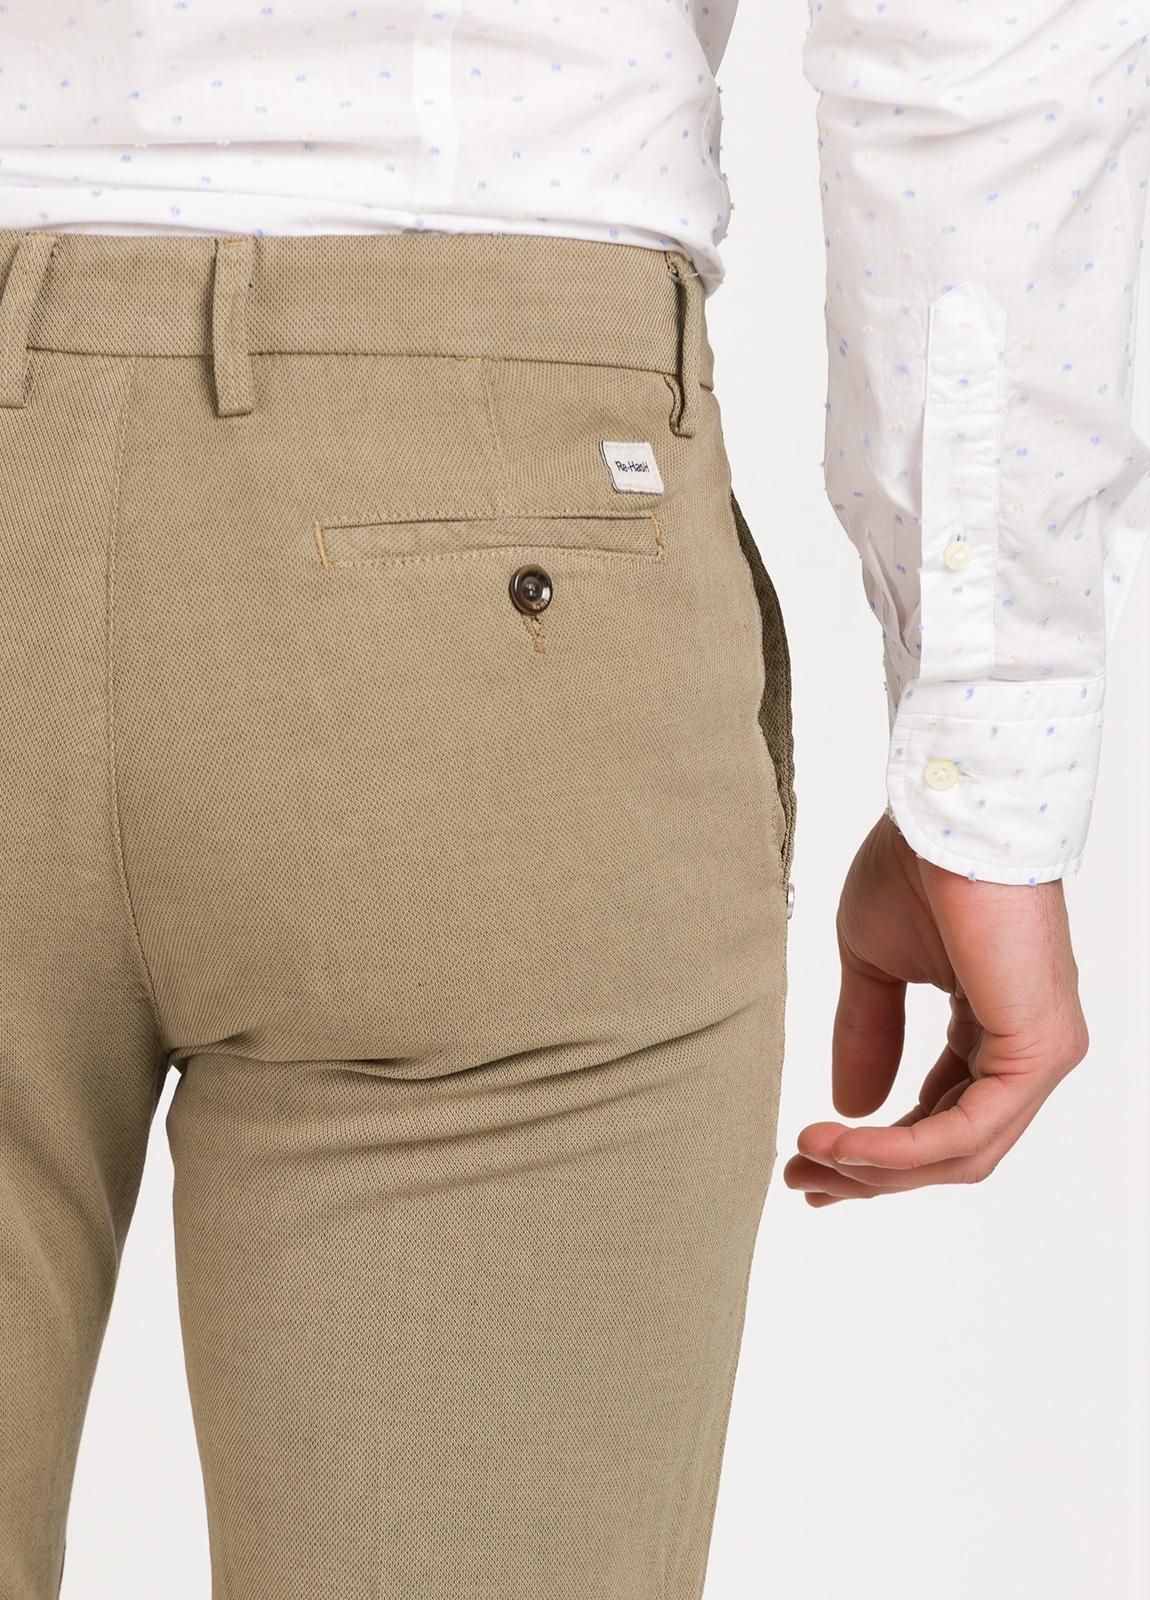 Pantalón sport modelo MUCHA P294 color beige. Algodón y elastáno. - Ítem1